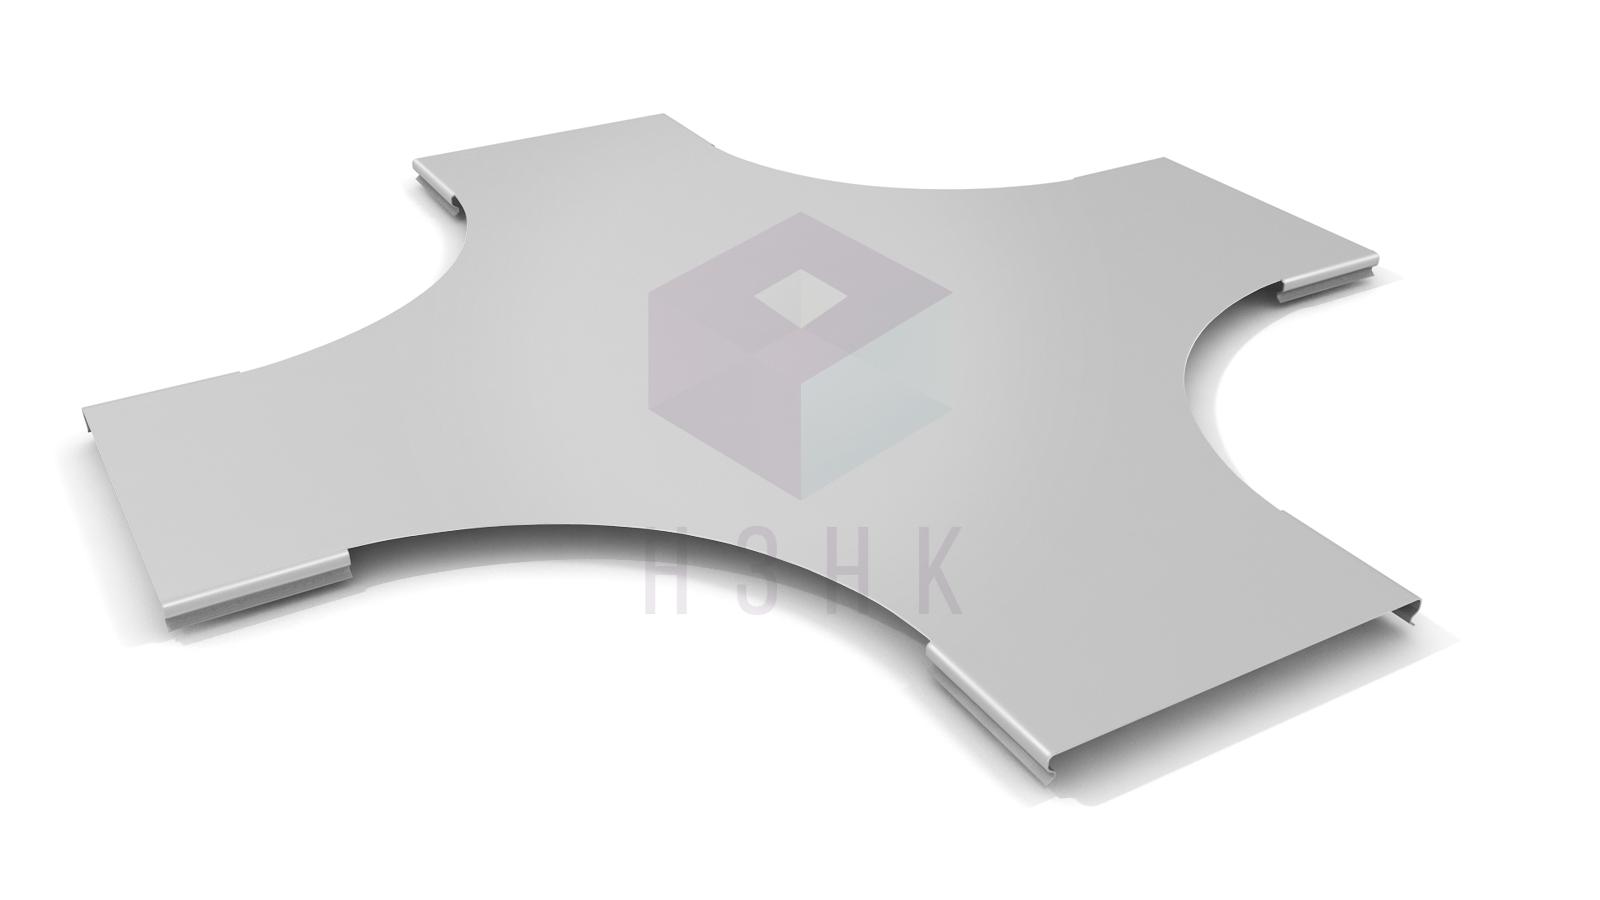 Крышки X-ответвителей для лестничных лотков KX-OLLZ